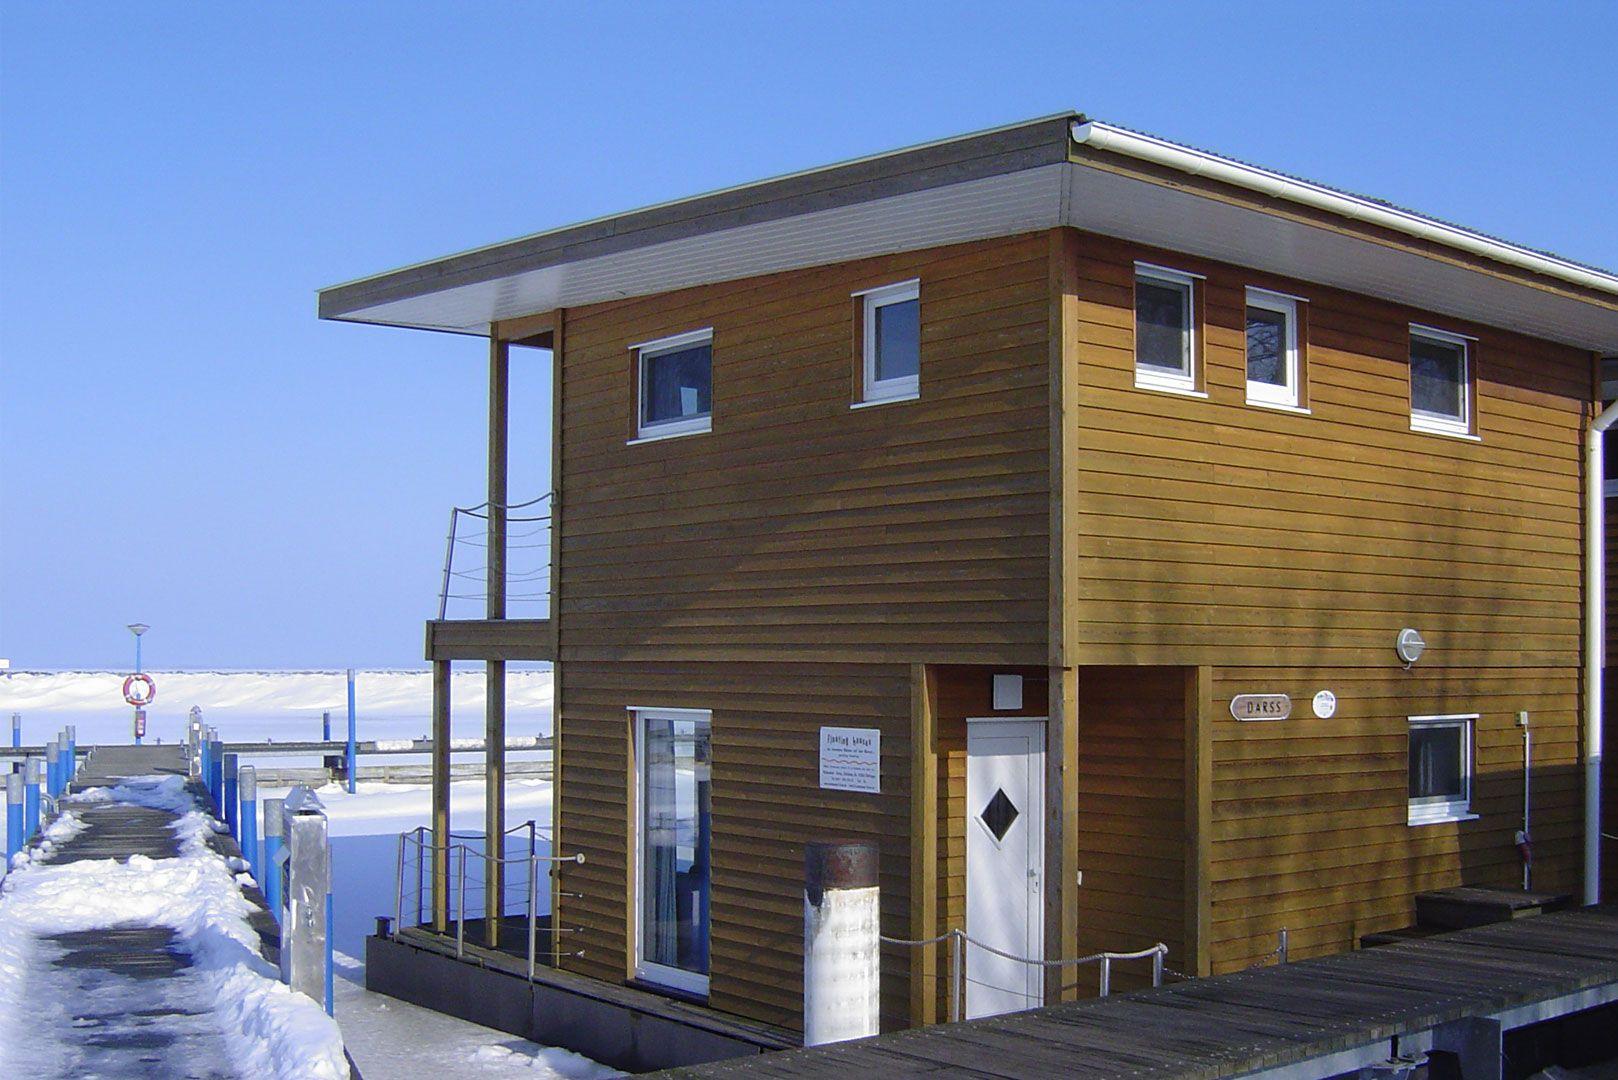 Holzhaus auf dem Wasser in Barth an der Ostsee mieten.